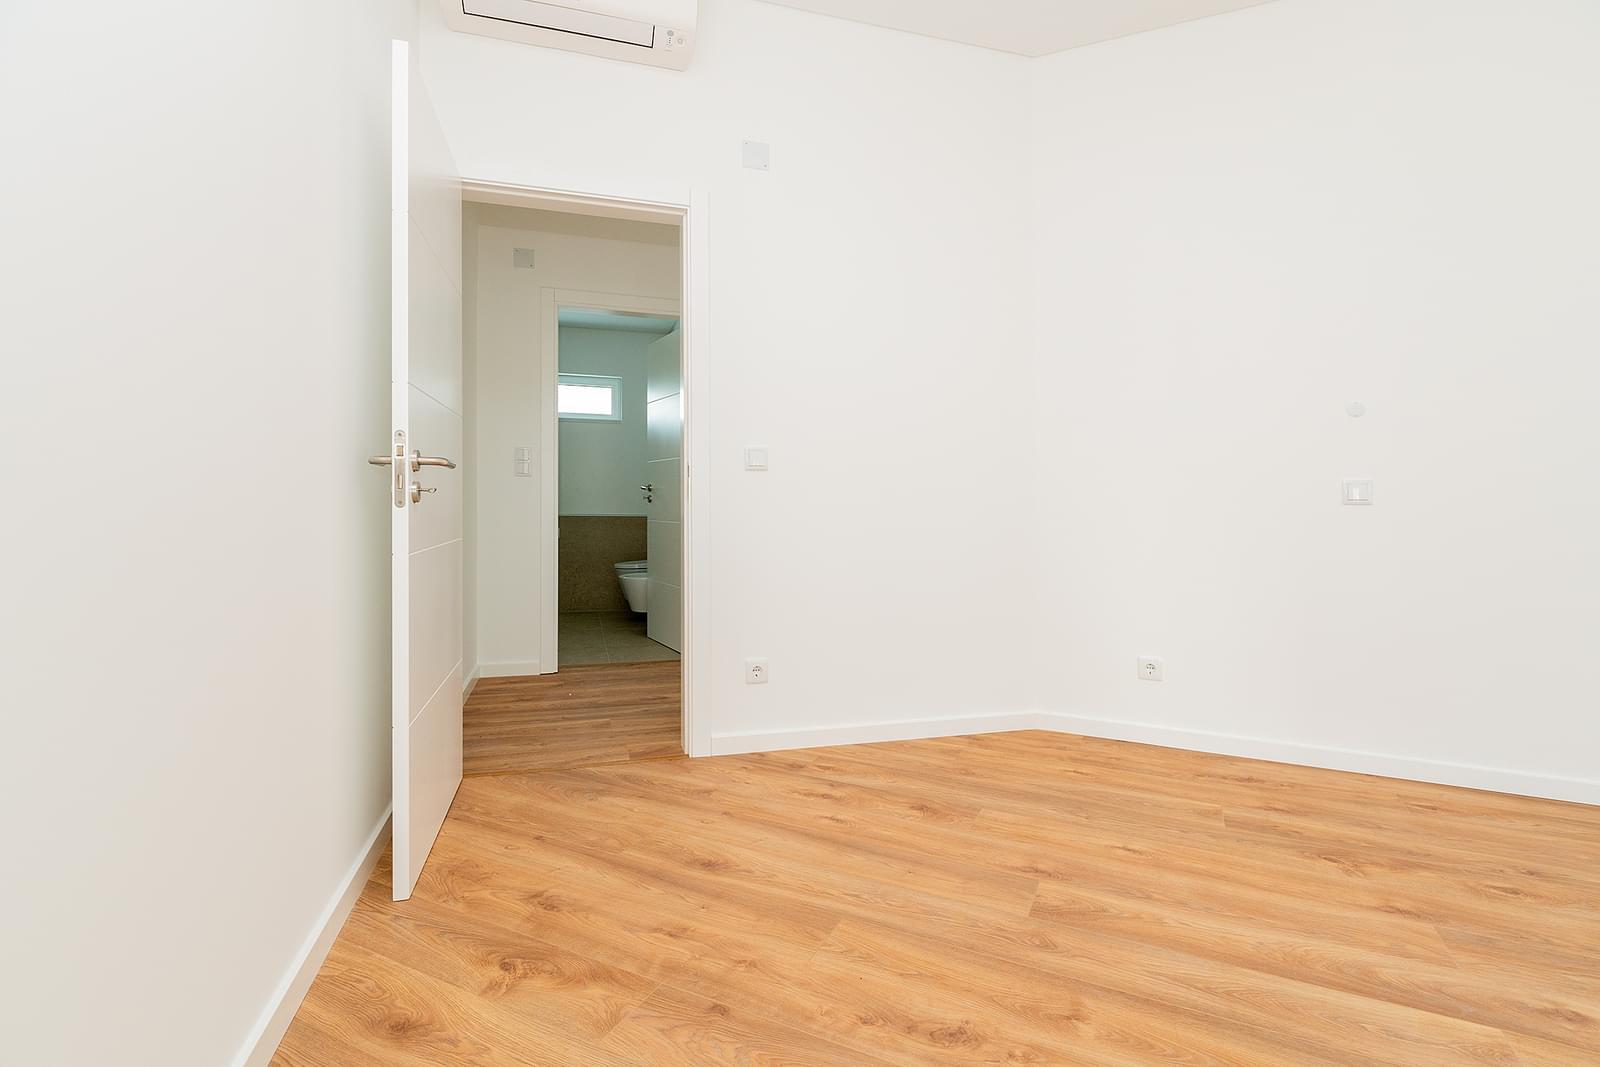 PF18413, Appartement T1, LISBOA